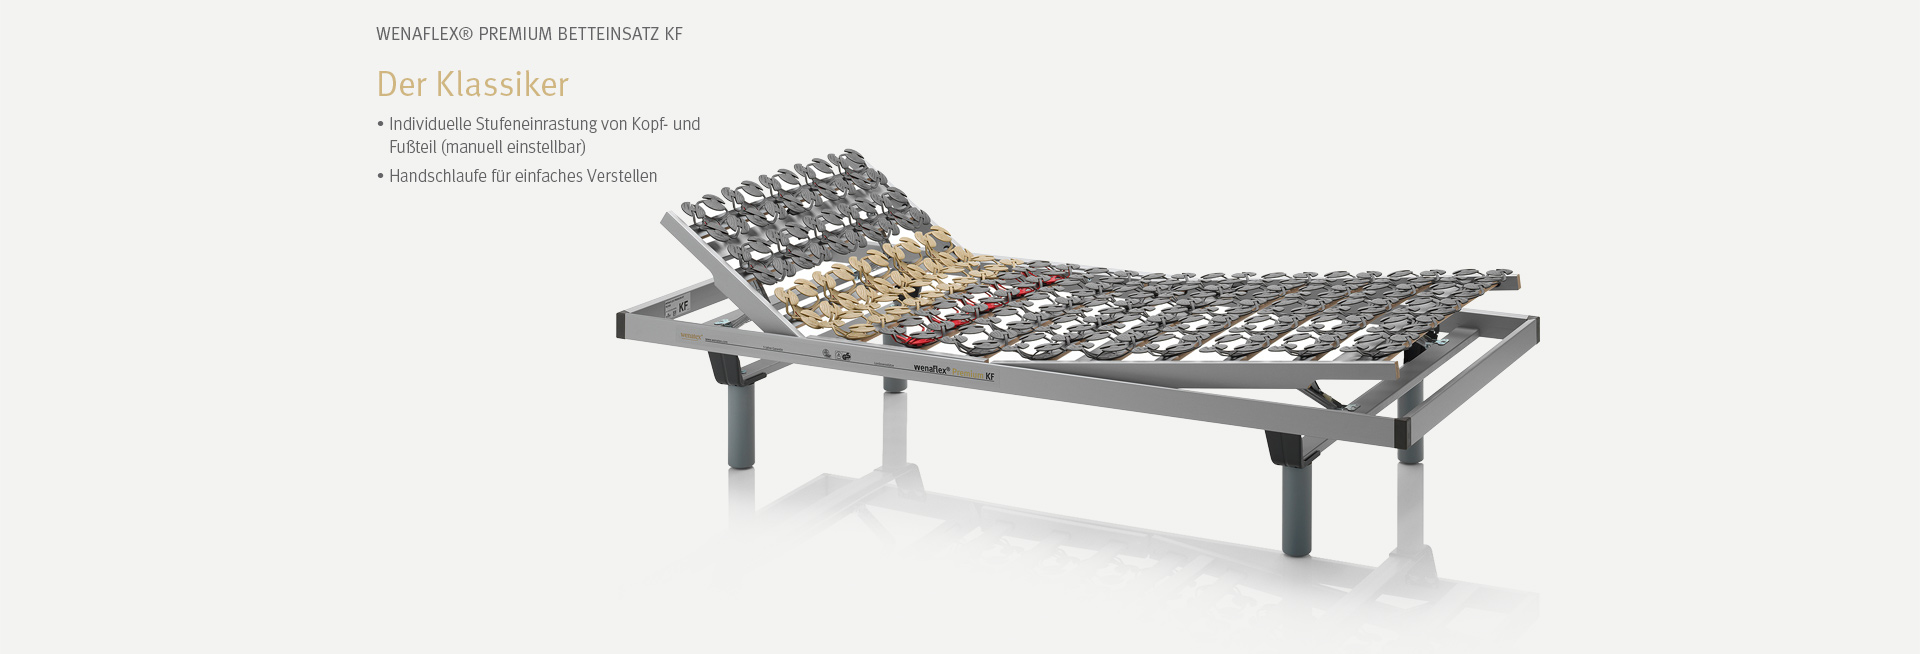 Der wenaFlex® Premium Betteinsatz KF | Der Klassiker